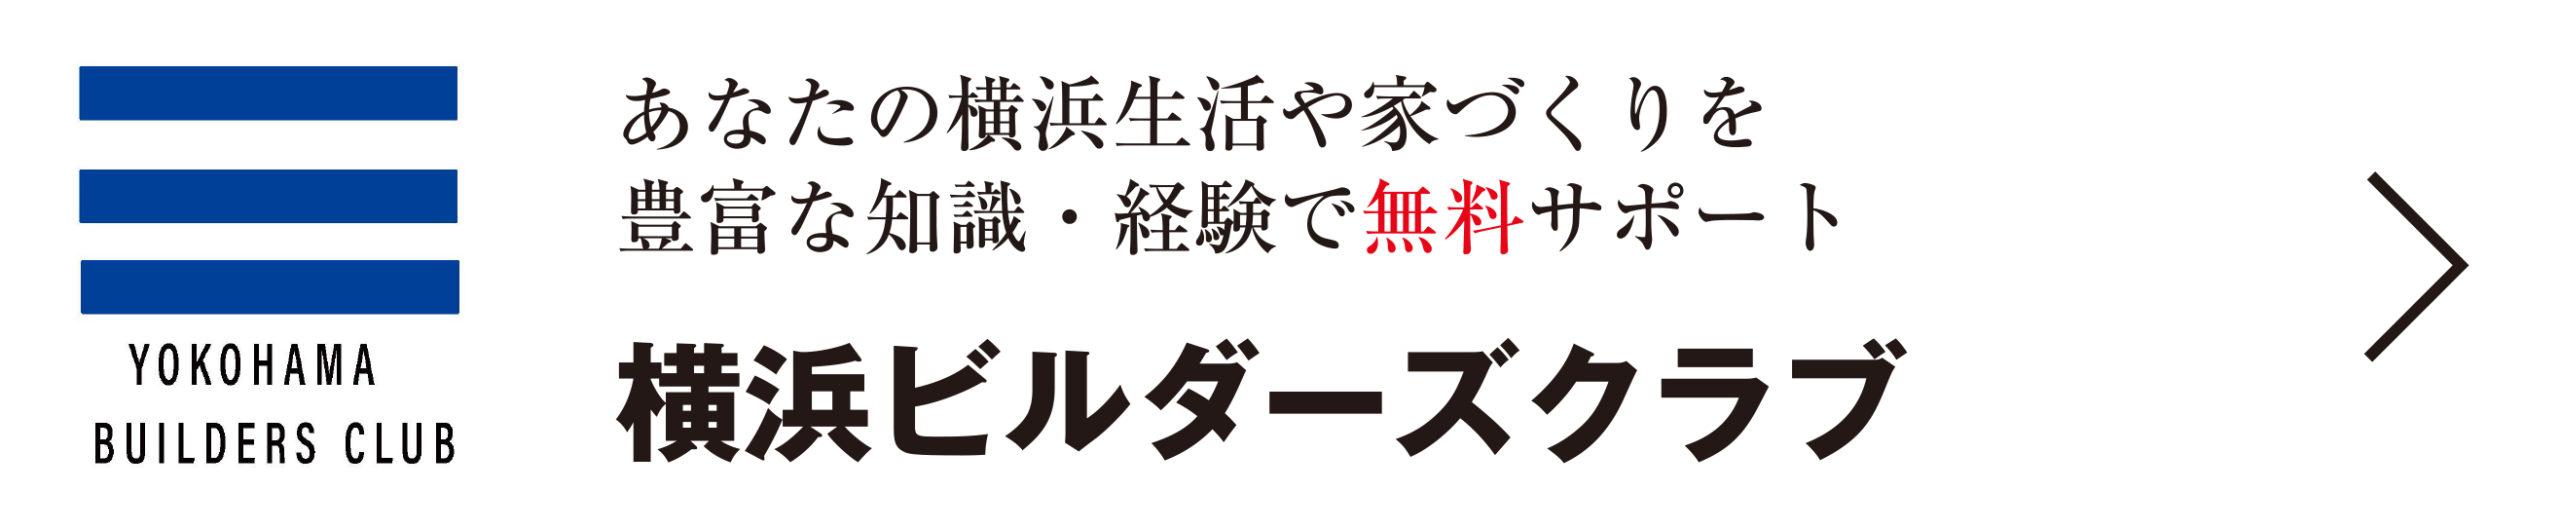 横浜ビルダーズクラブ